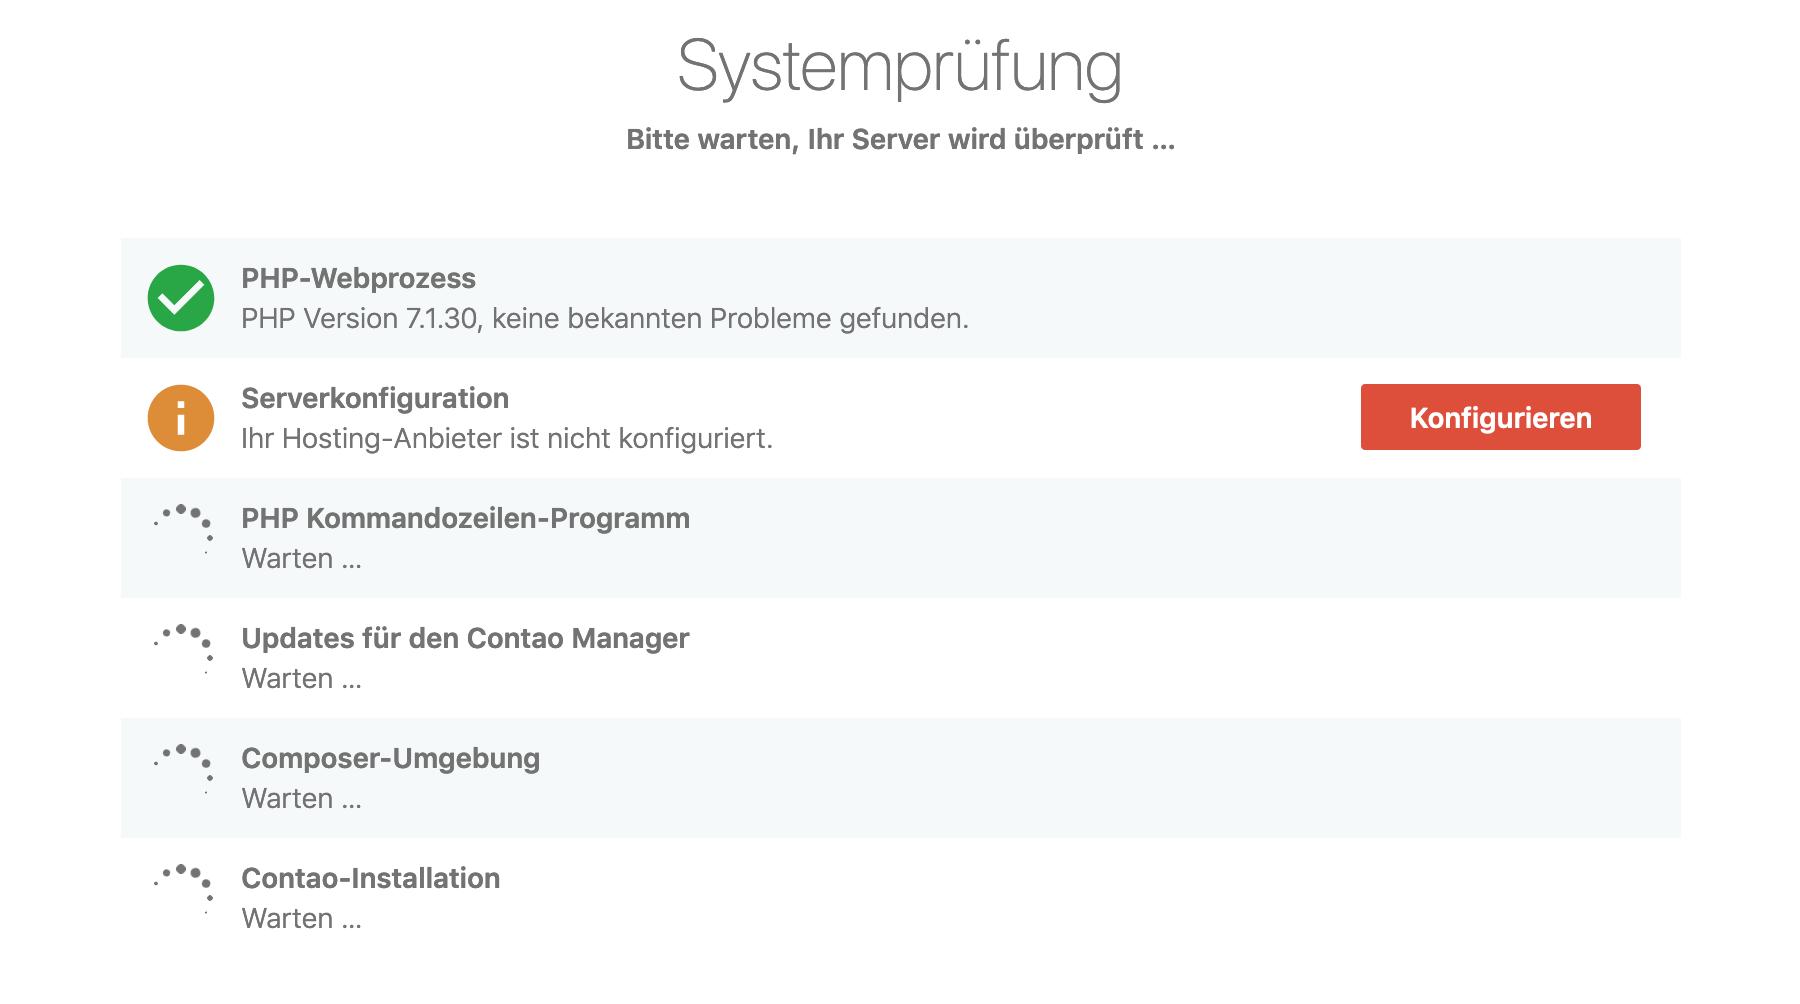 Überprüfung der Systemkonfiguration